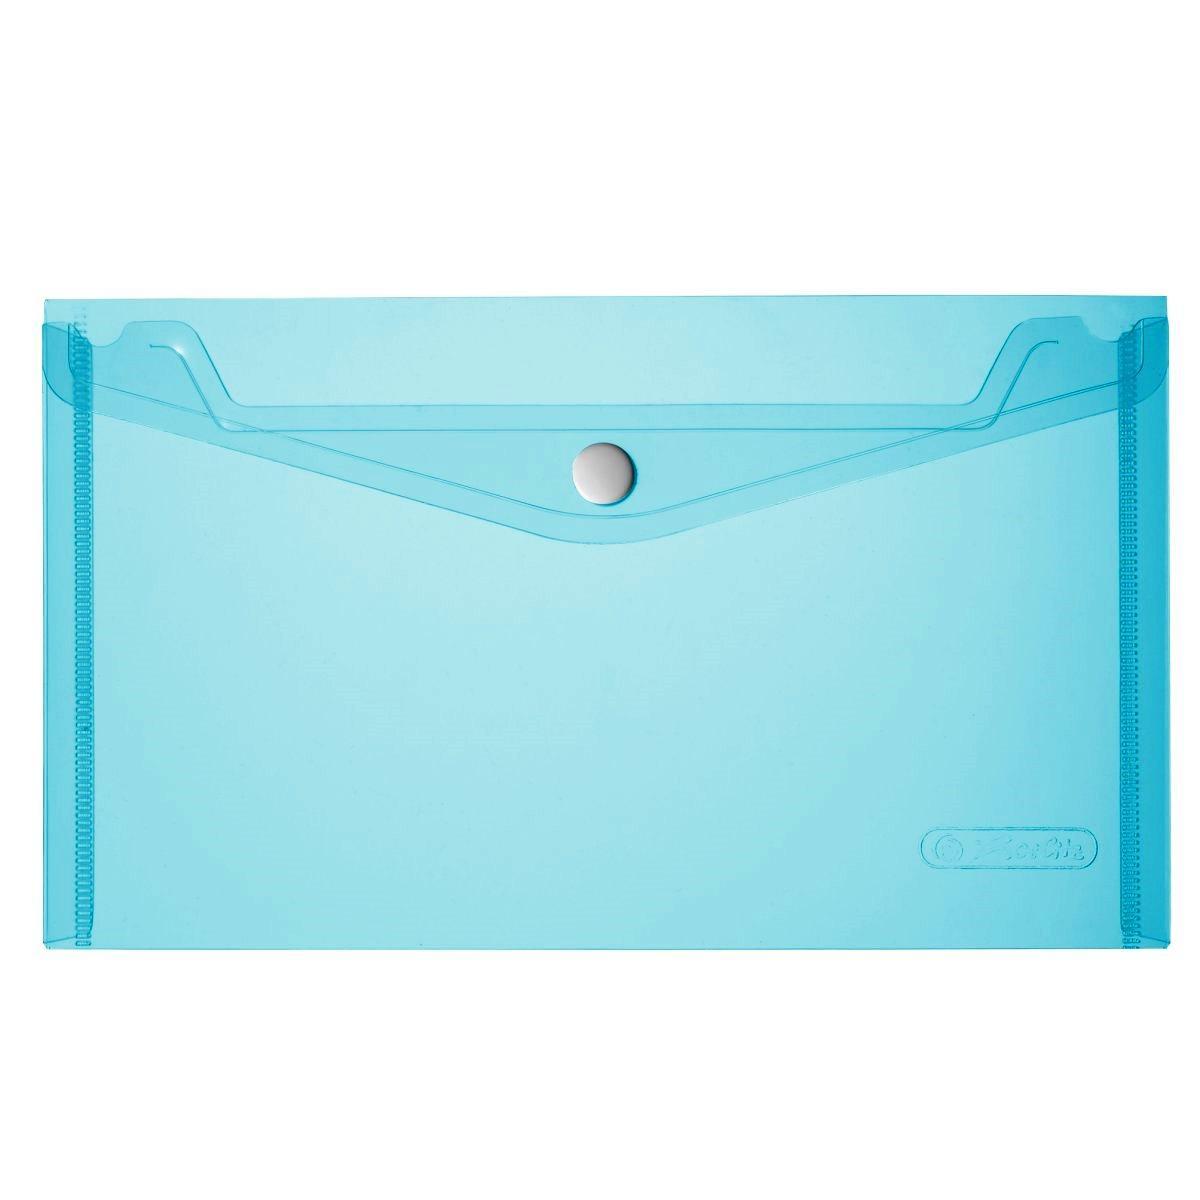 Папка-конверт на кнопке Herlitz 22.5x13см 200мкм голубая прозрачная